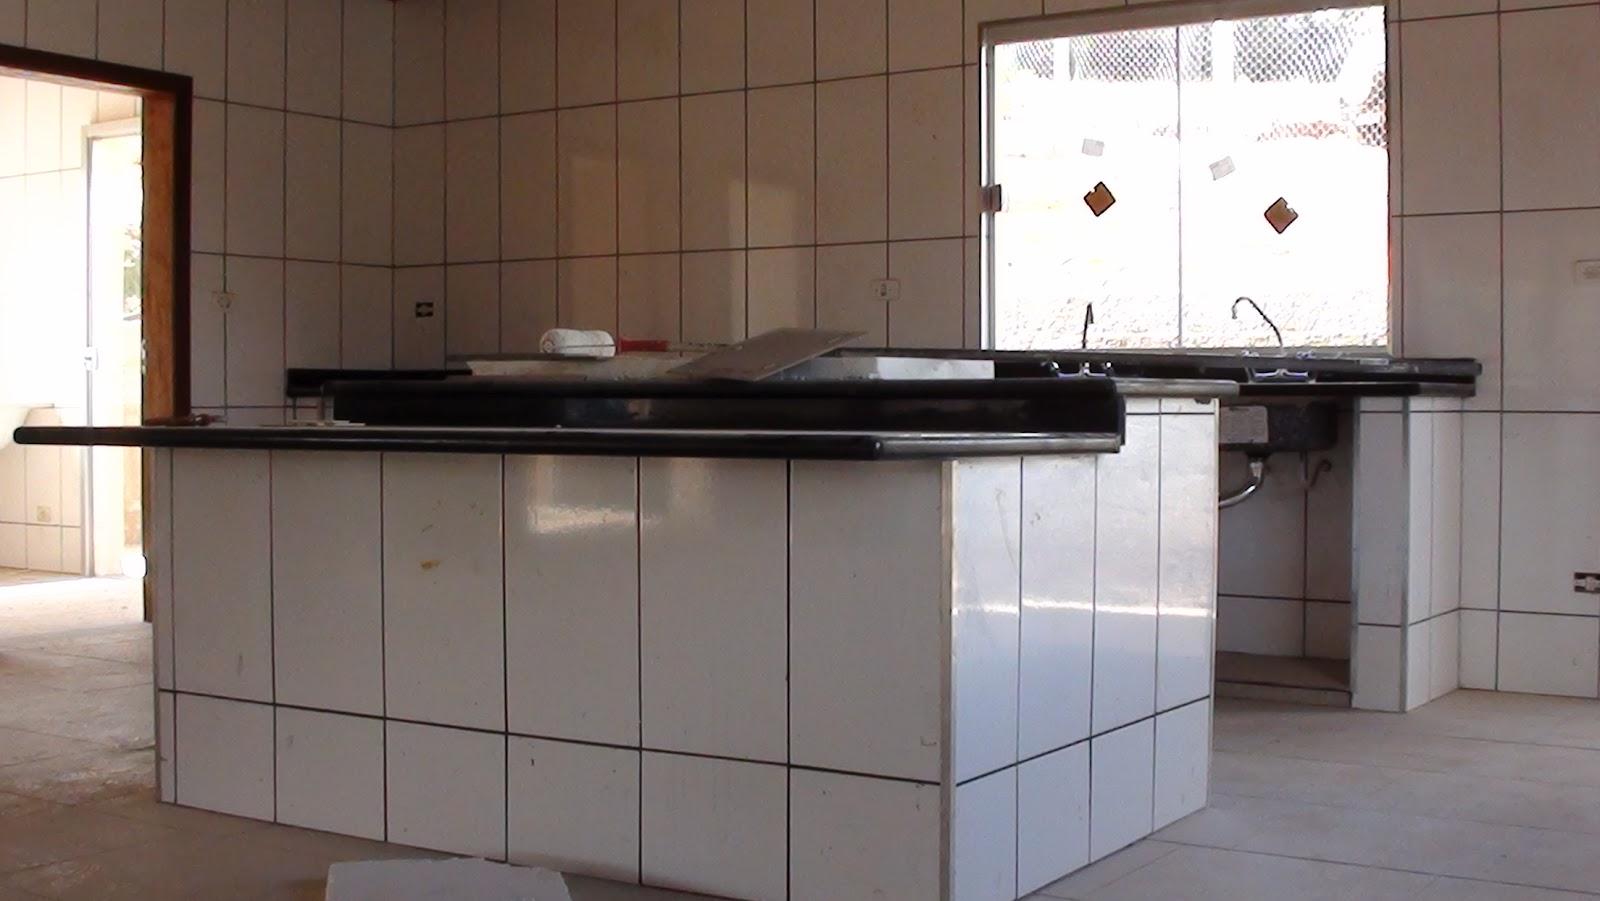 Wibamp Com Cozinha Planejada C Ilha Id Ias Do Projeto Da Cozinha